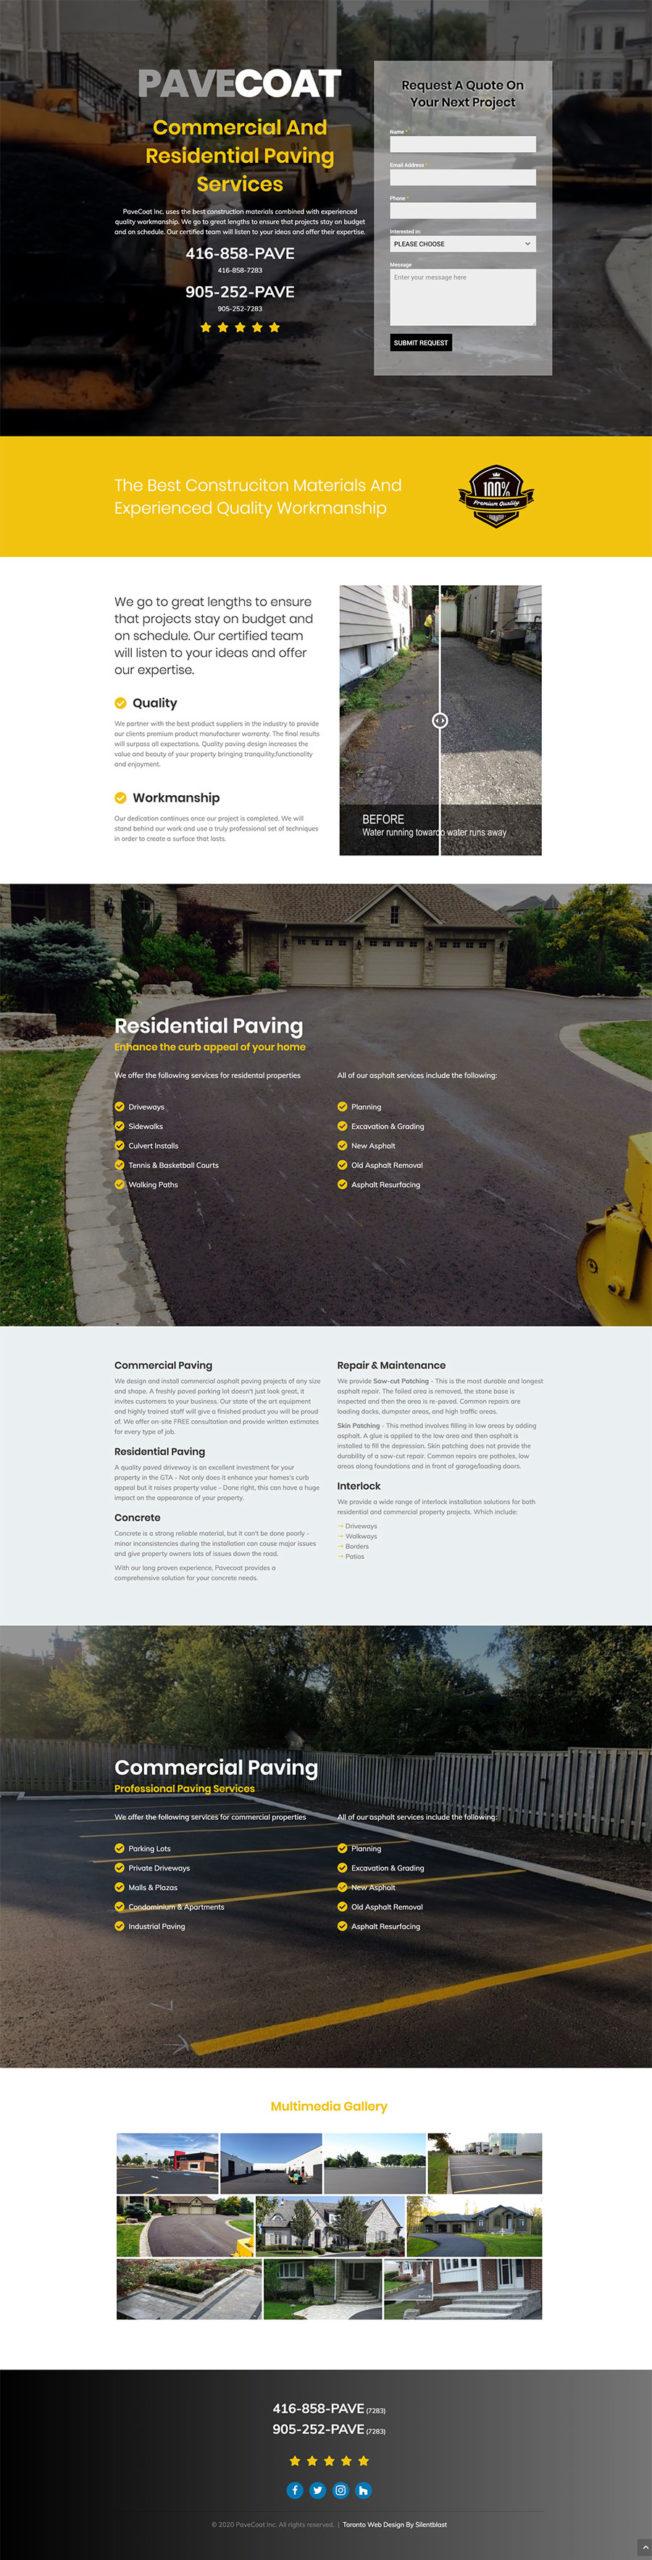 www.pavecoat